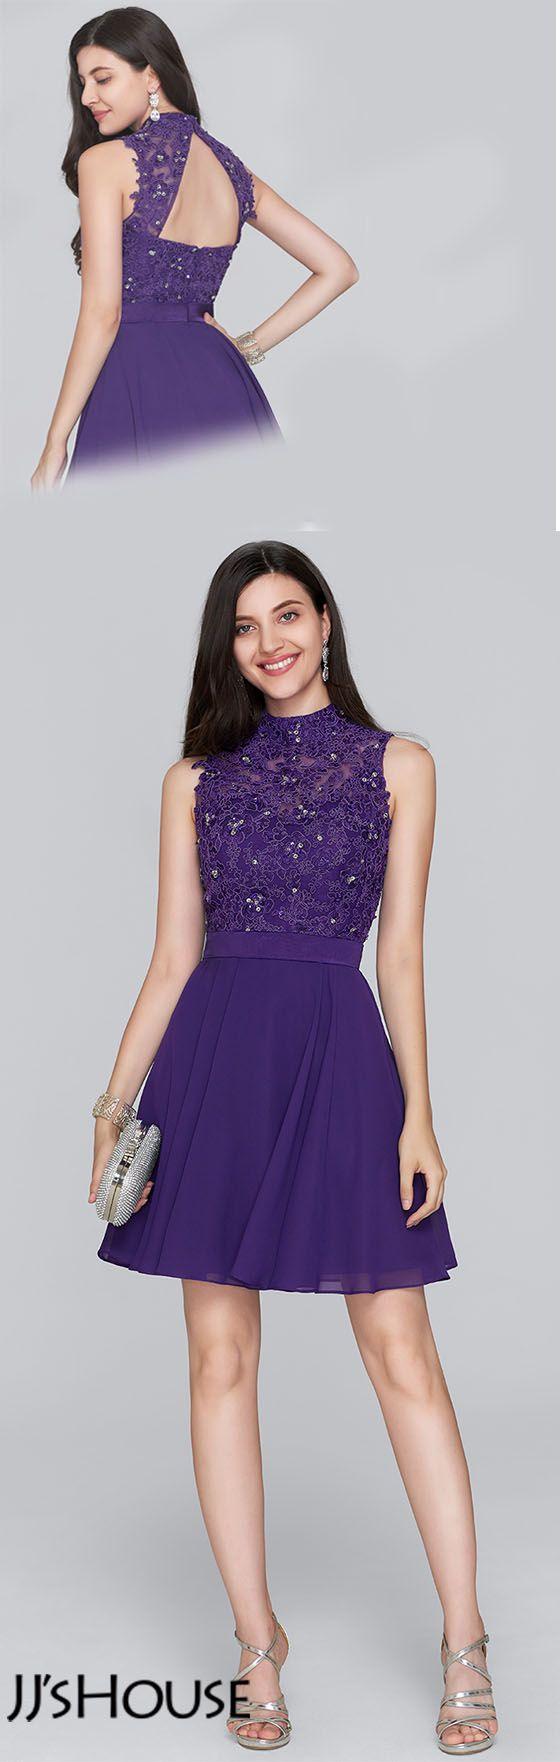 304 mejores imágenes de JJsHouse Homecoming Dresses en Pinterest ...